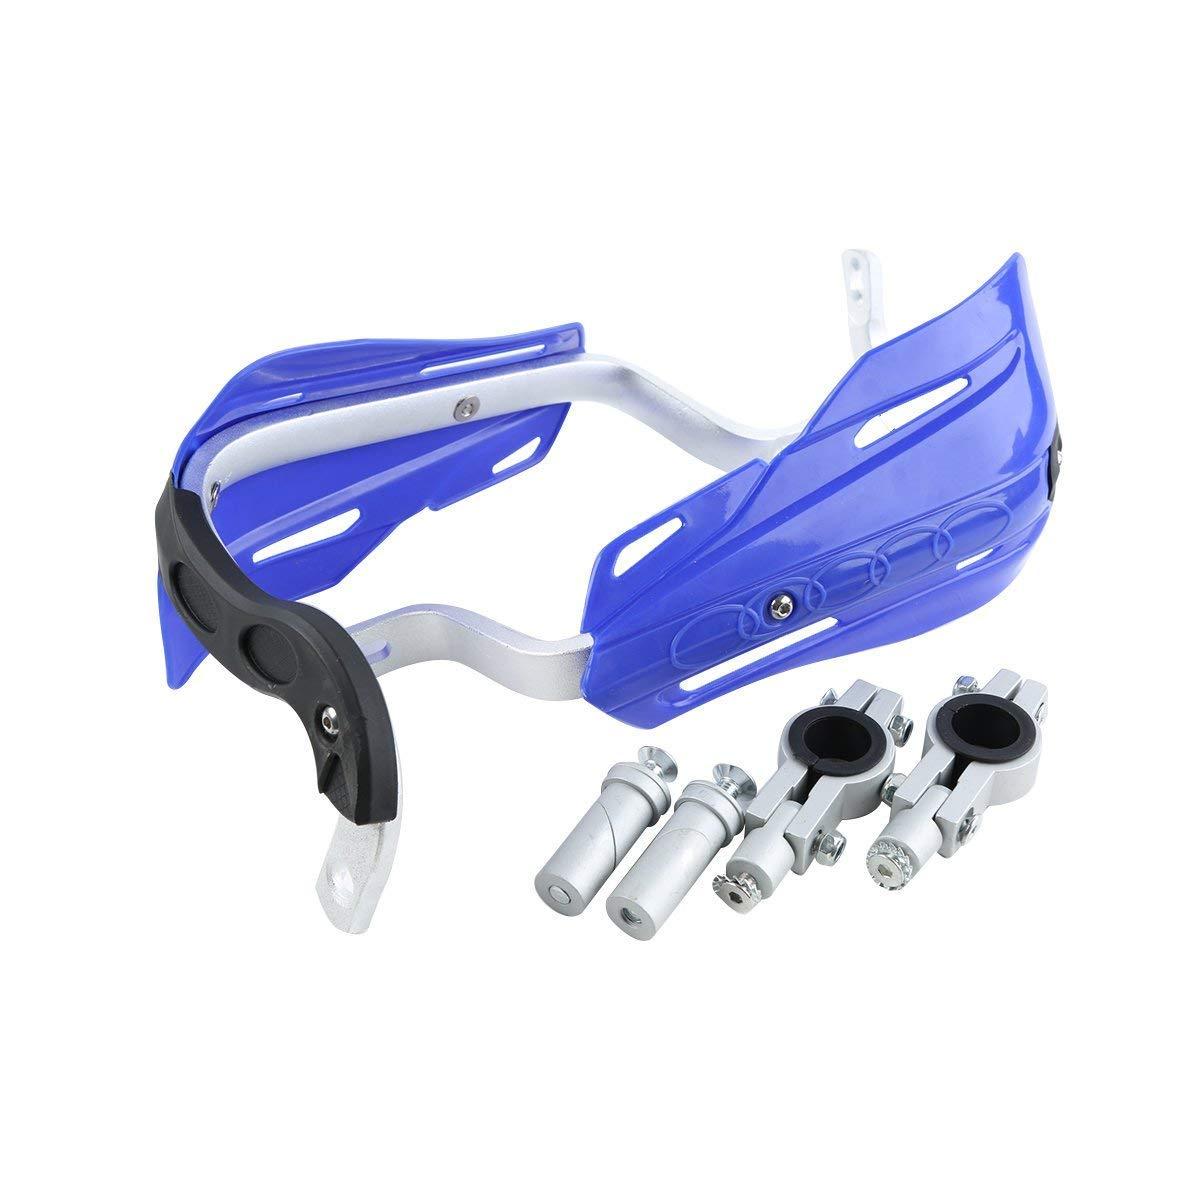 TCMT Blue 7//8 22mm Handlebar Hand Brush Guard Handguards Fits For YAMAHA DT250 TTR225 TTR230 WR250 WR250F